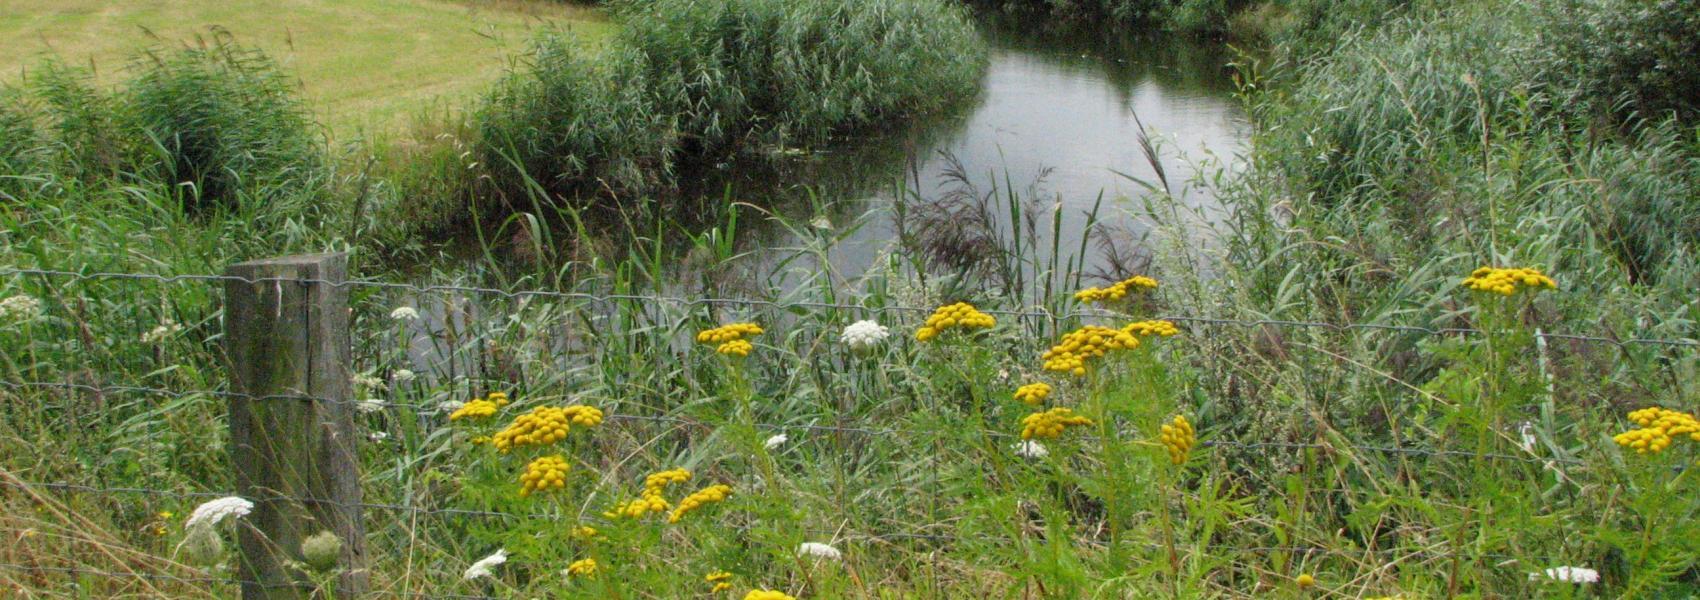 bloemenweide met daar achter water en graslandschap